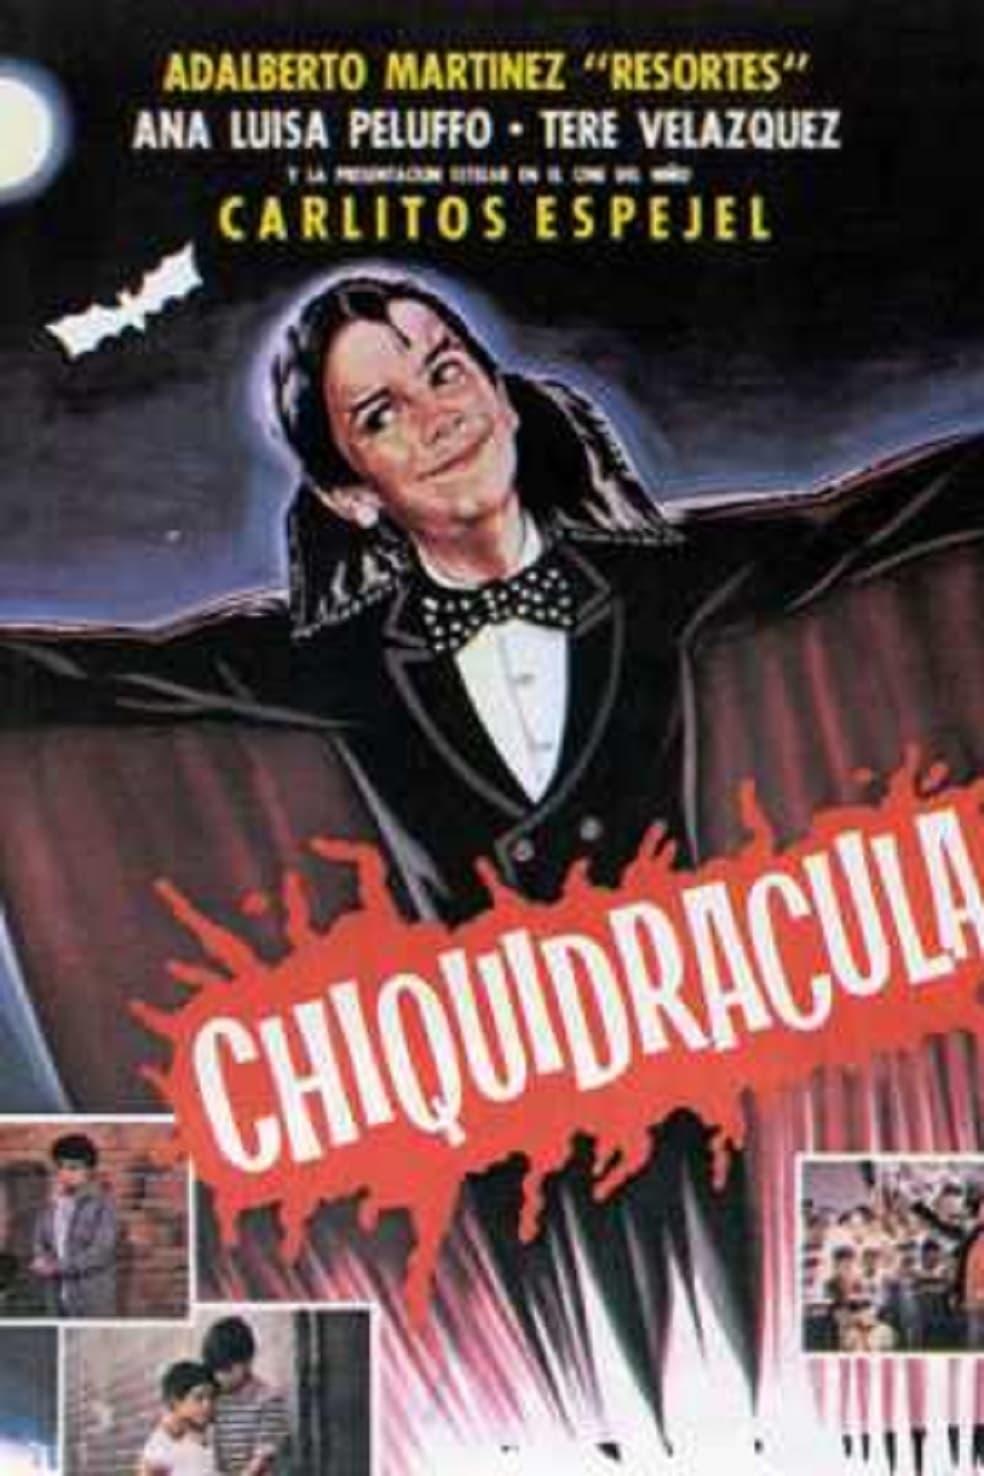 Chiquidracula (1985)